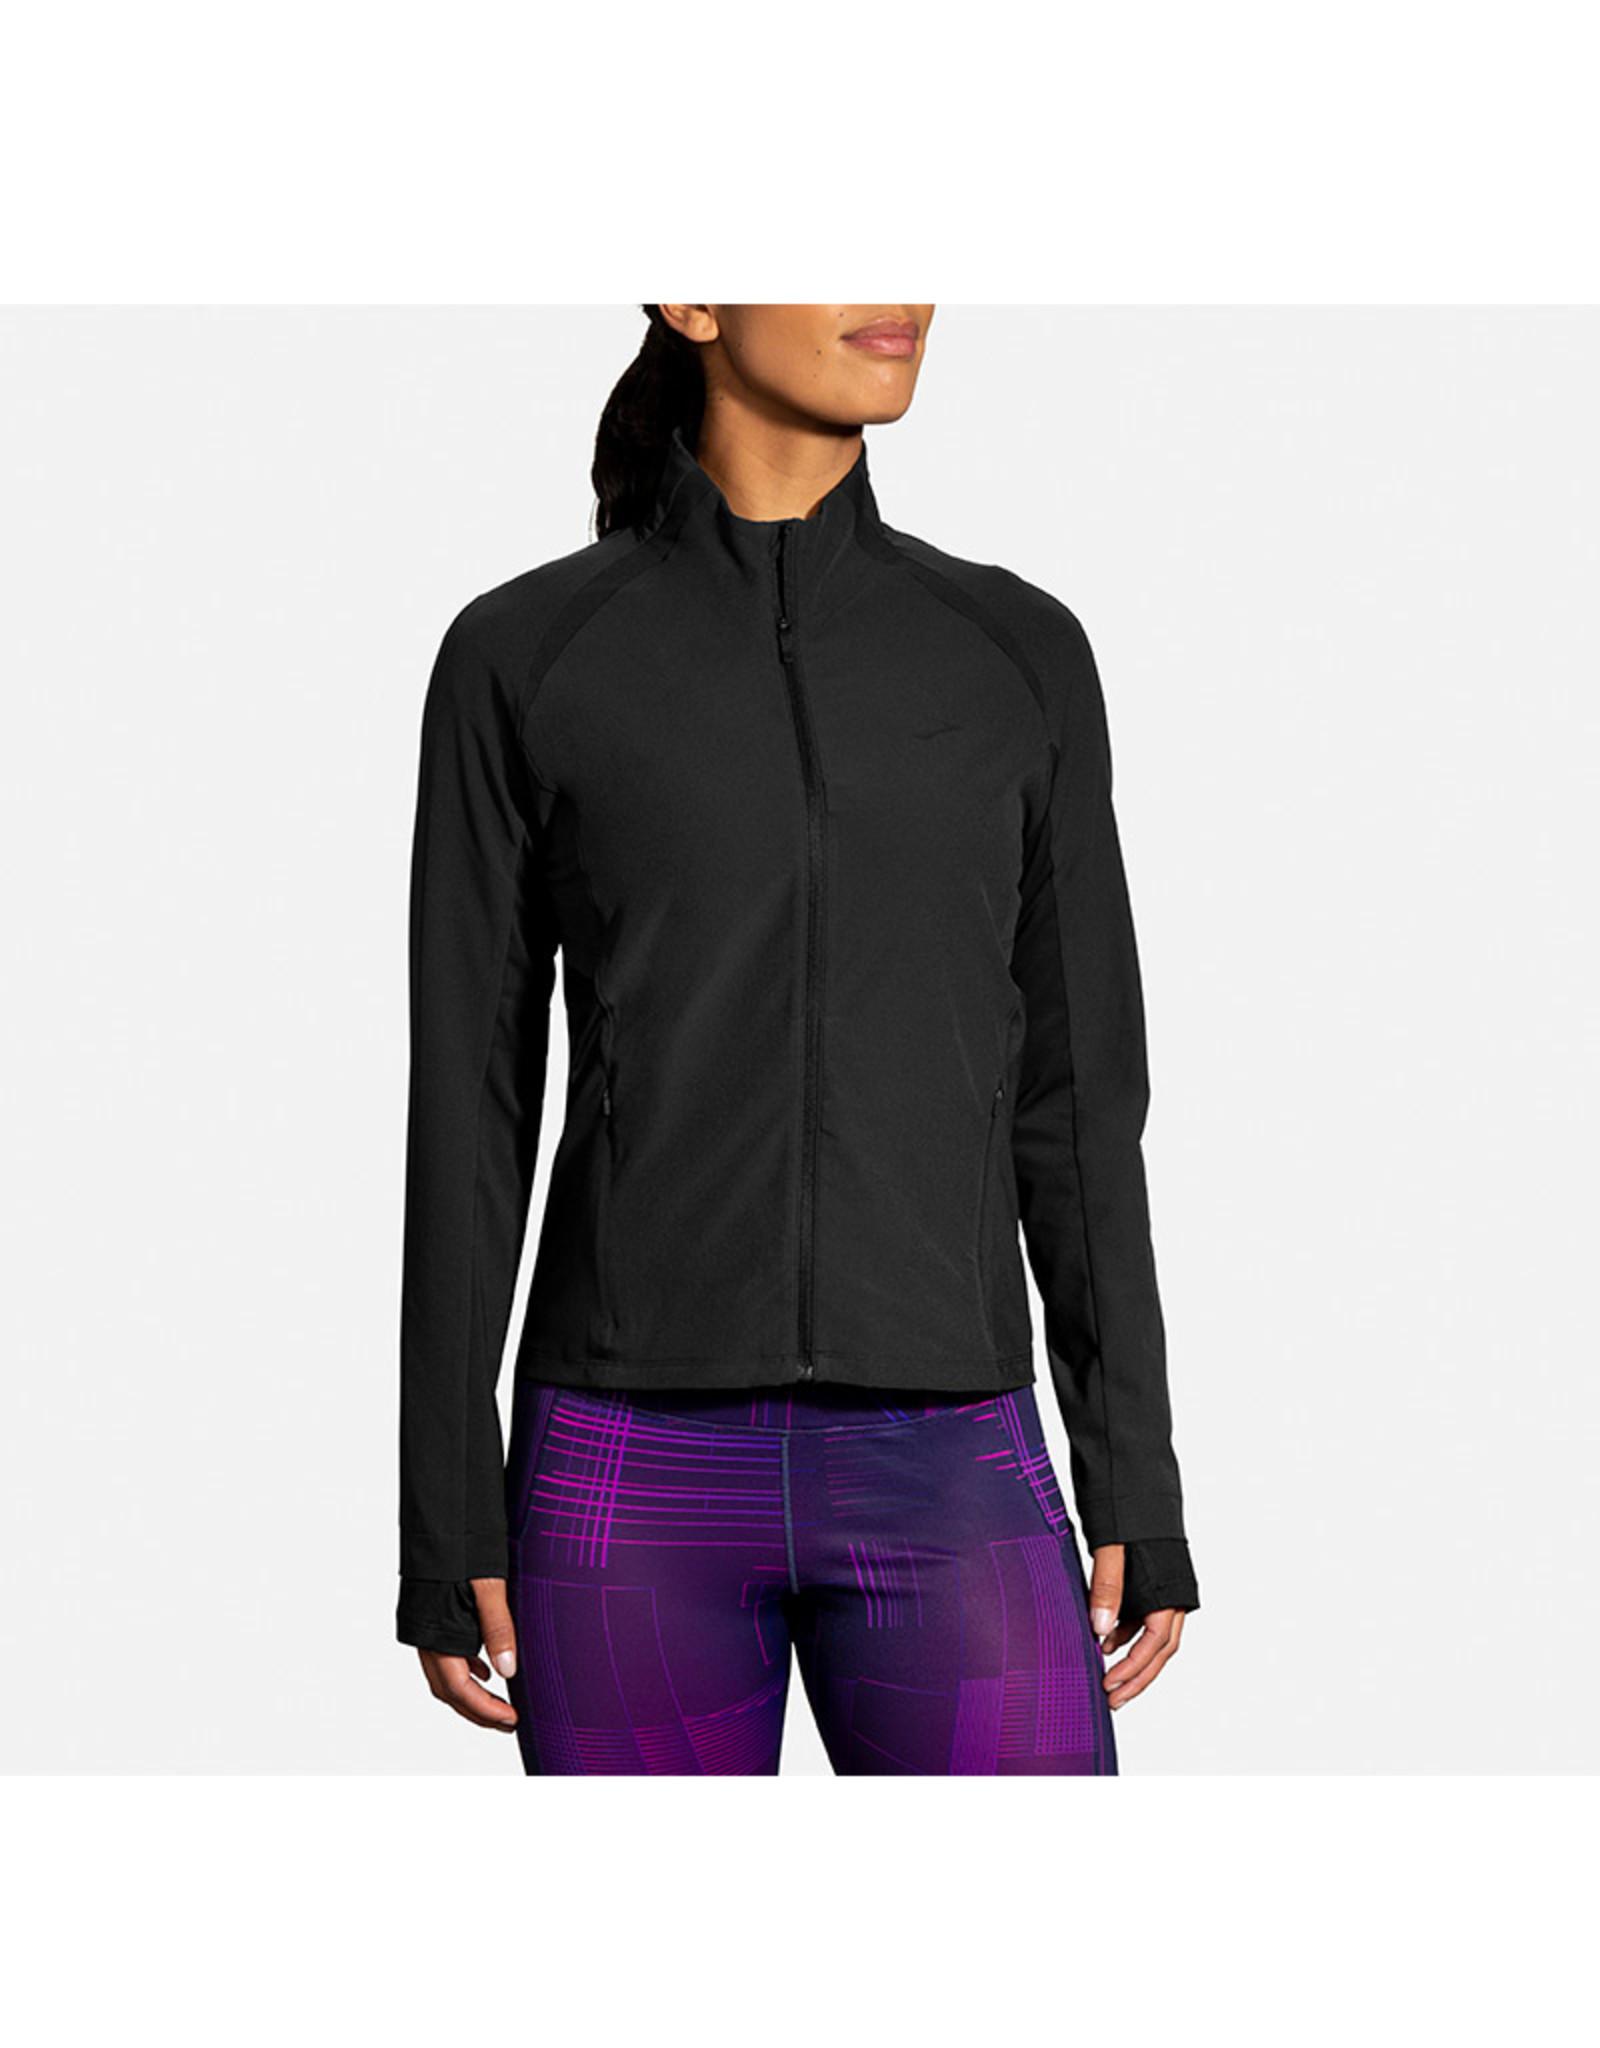 BROOKS Women's Fusion Hybrid Jacket